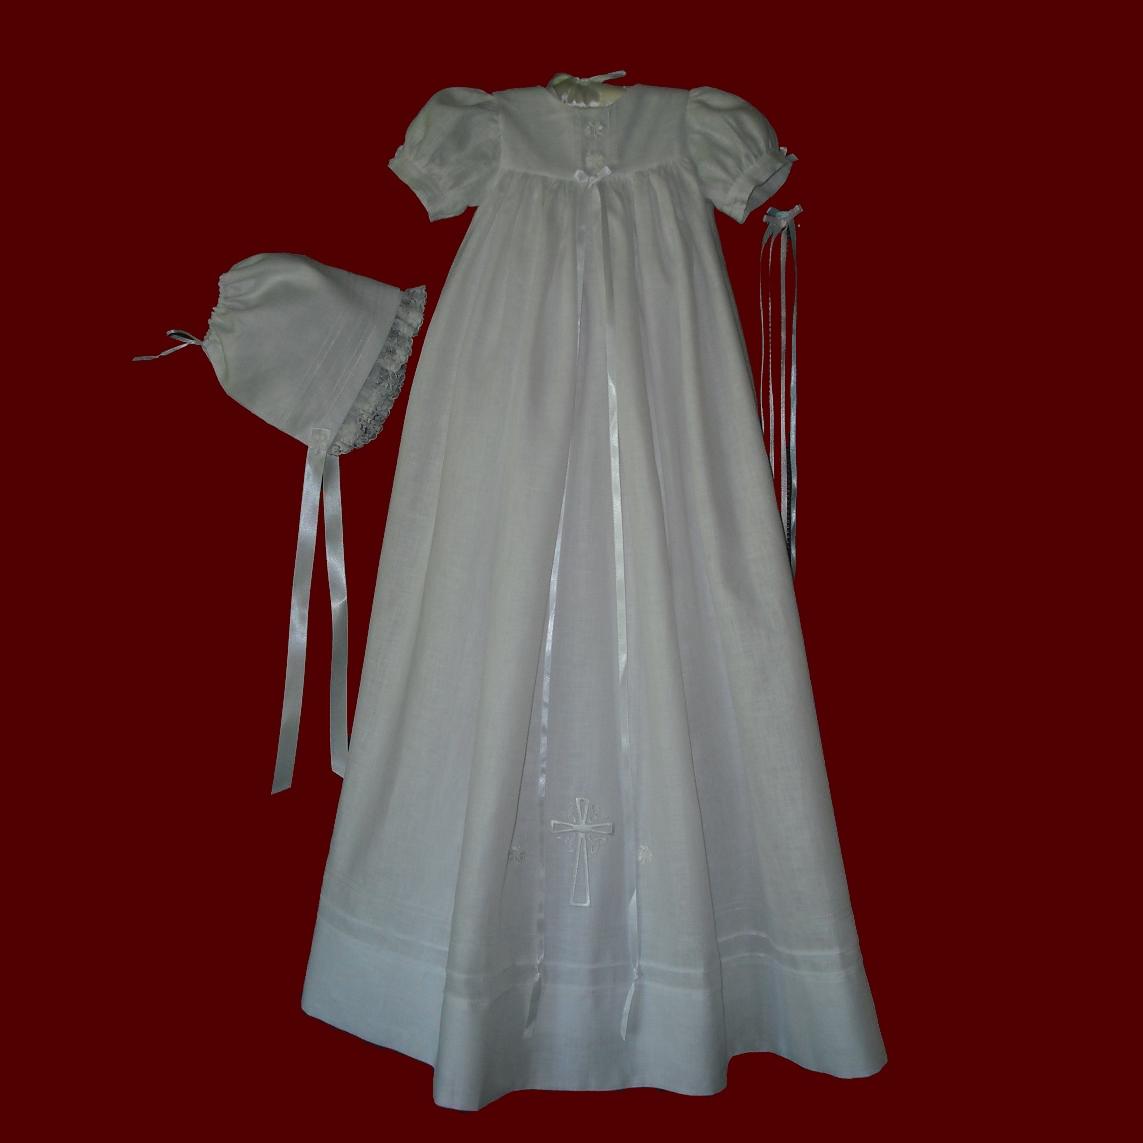 Unisex Embroidered Cross Irish Christening Gown  Irish